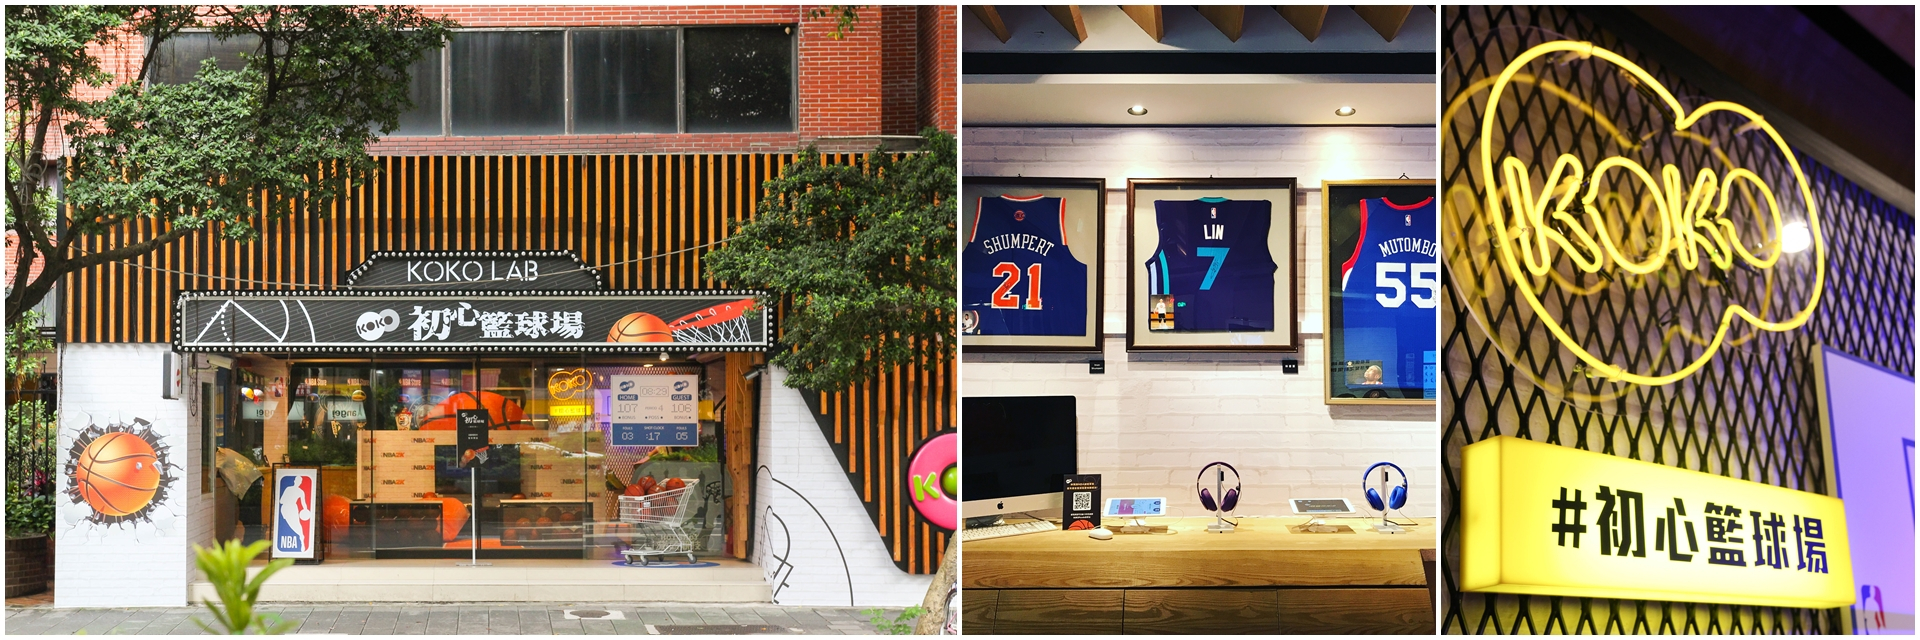 球賽不過癮,實體才夠看!KOKO LAB X NBA 話題空間 #初心籃球場,有的玩有的拍,絕對熱血!